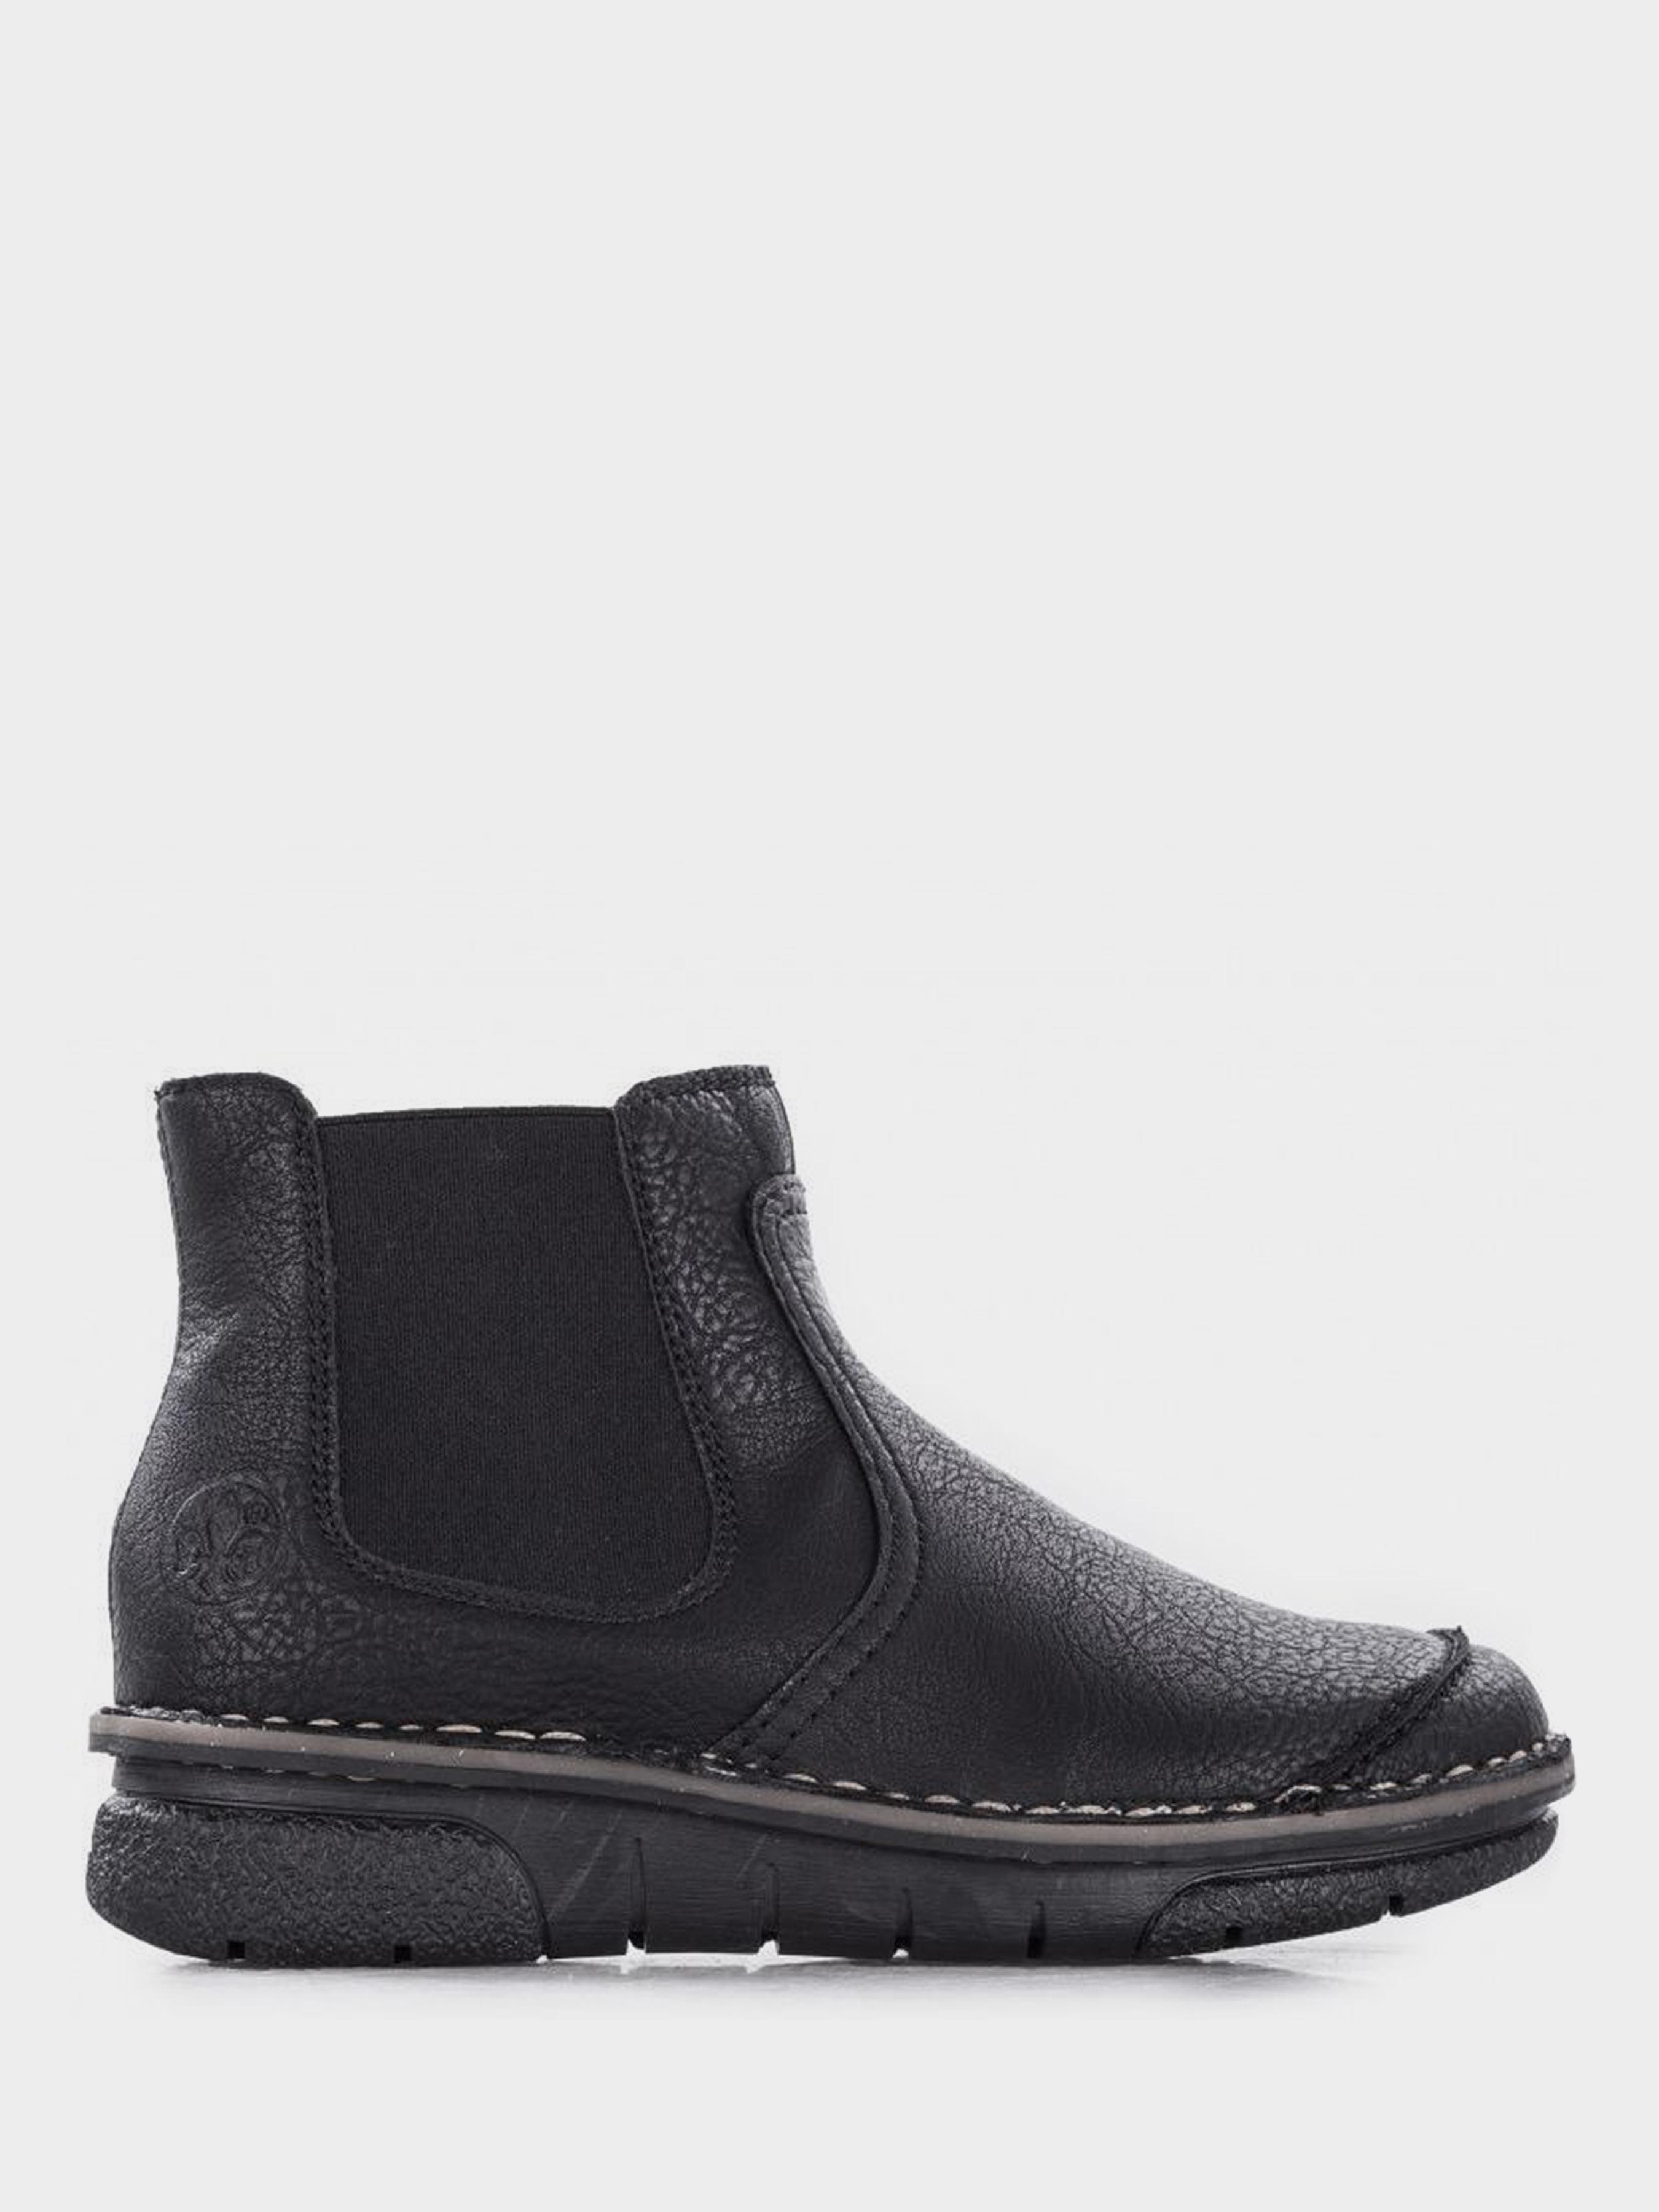 Купить Ботинки для женщин RIEKER RW1138, Черный